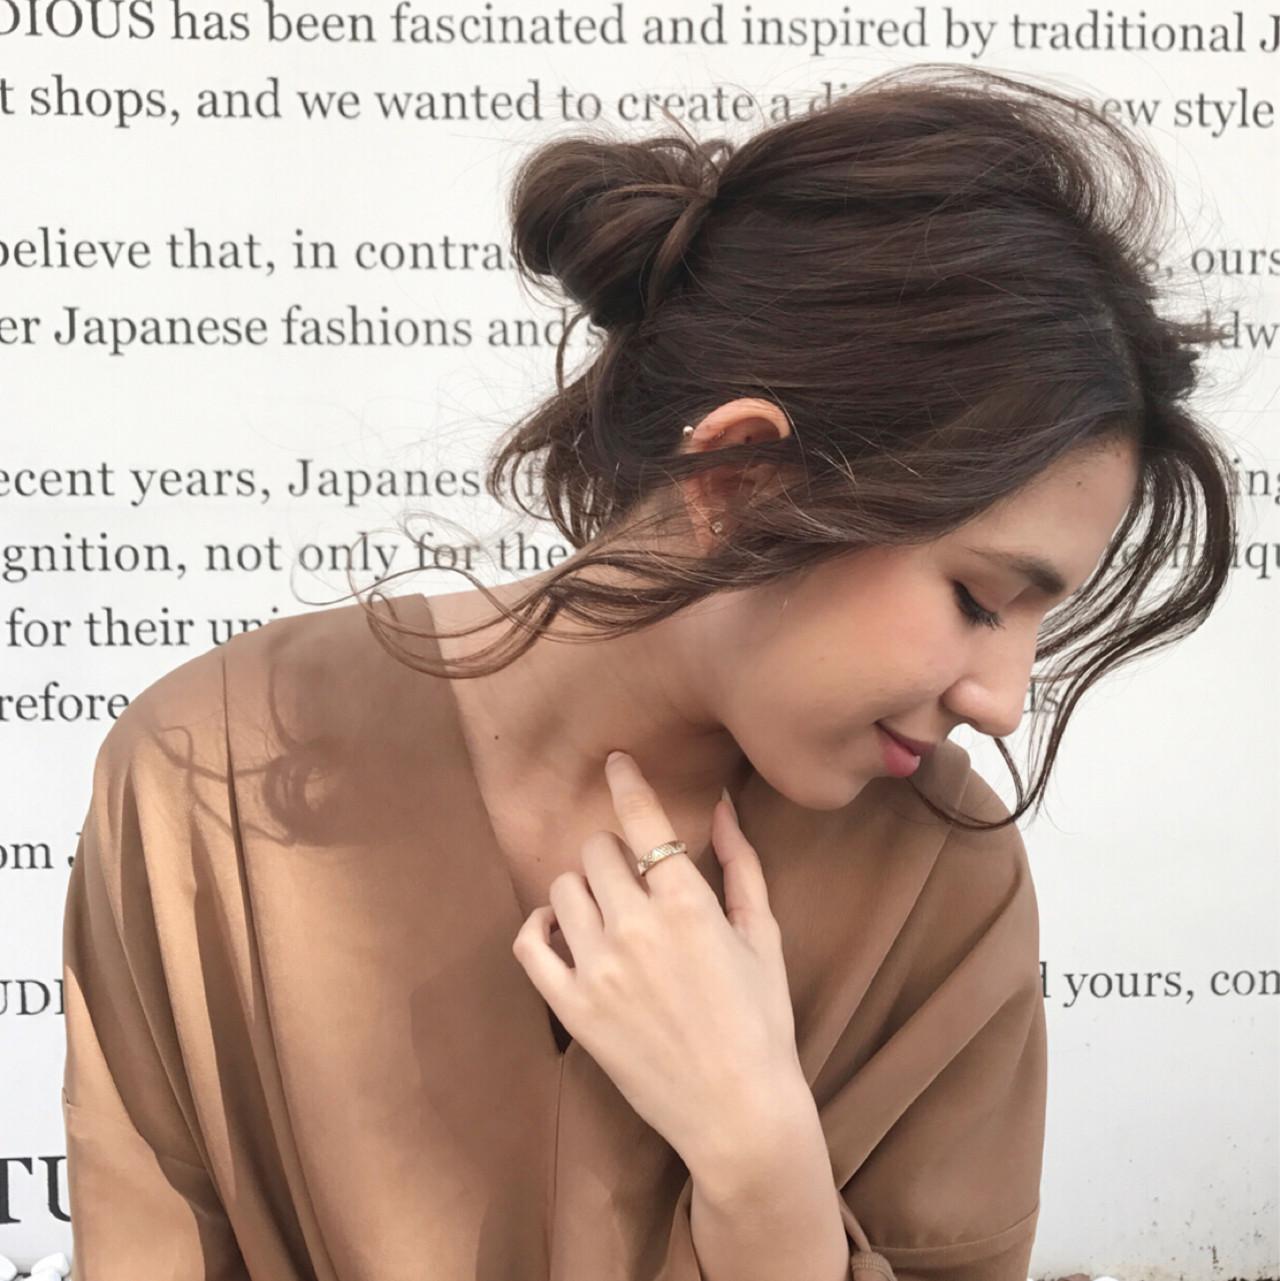 ヘアアレンジ セミロング お団子 ゆるふわ ヘアスタイルや髪型の写真・画像 | Daichi shimazu / hairsalon M 大宮